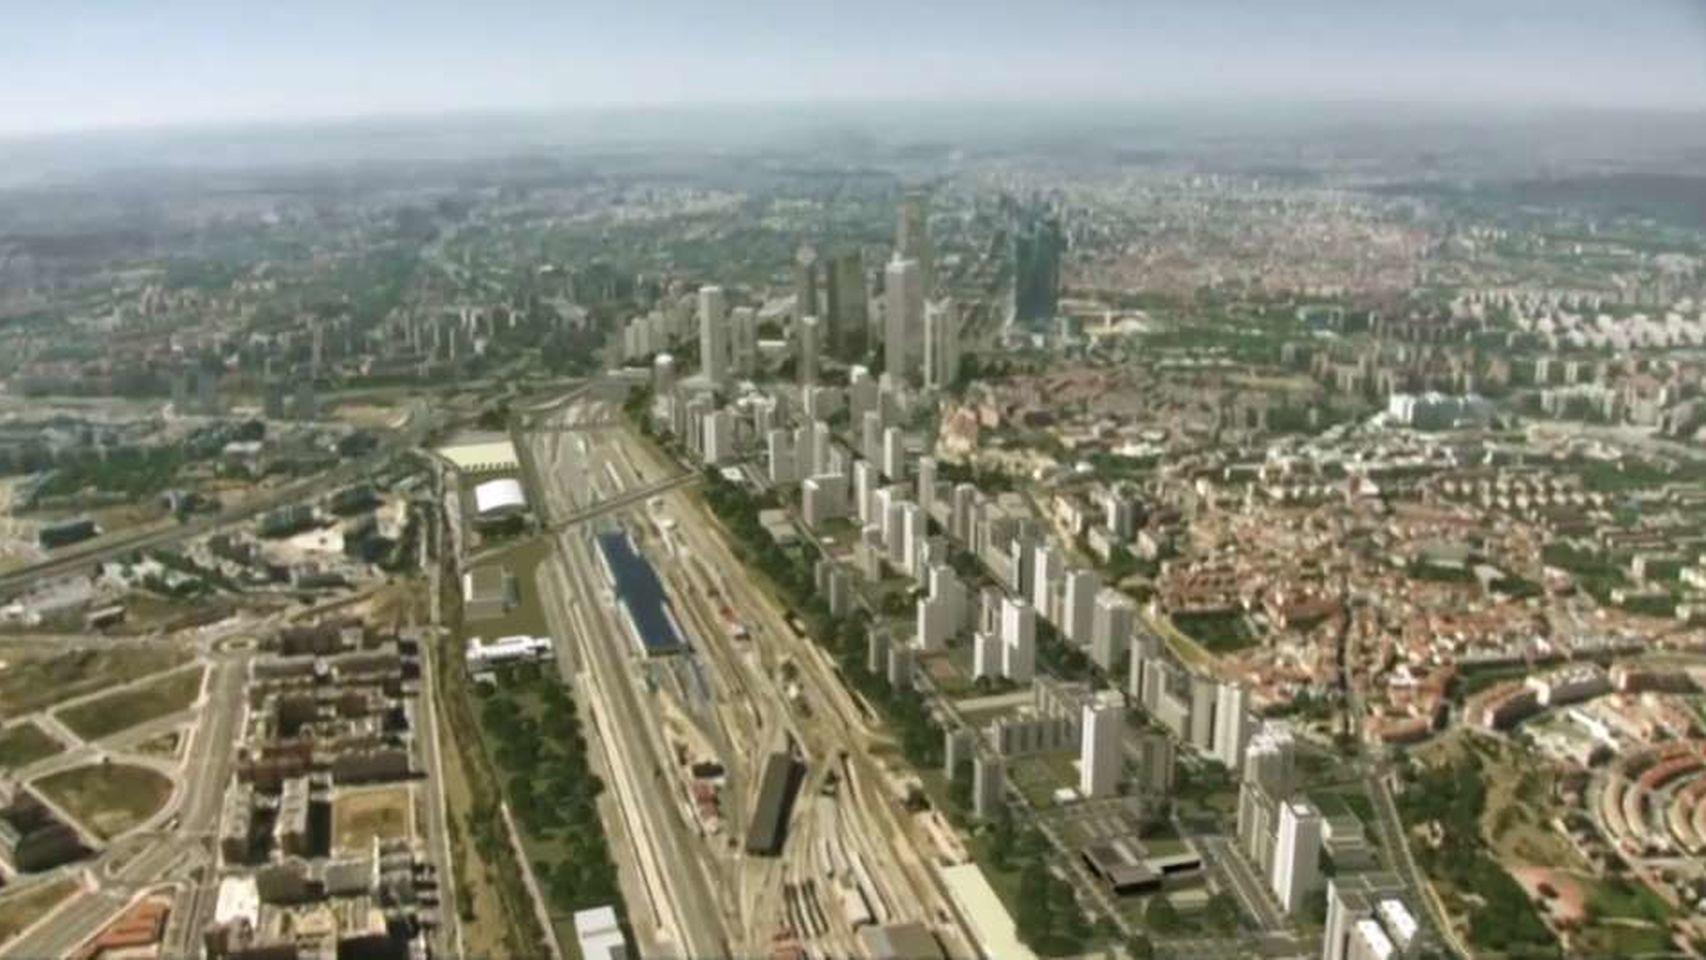 Recreación aérea de la Operación Chamartín, tal y como la conciben Fomento, Comunidad de Madrid y DCN.